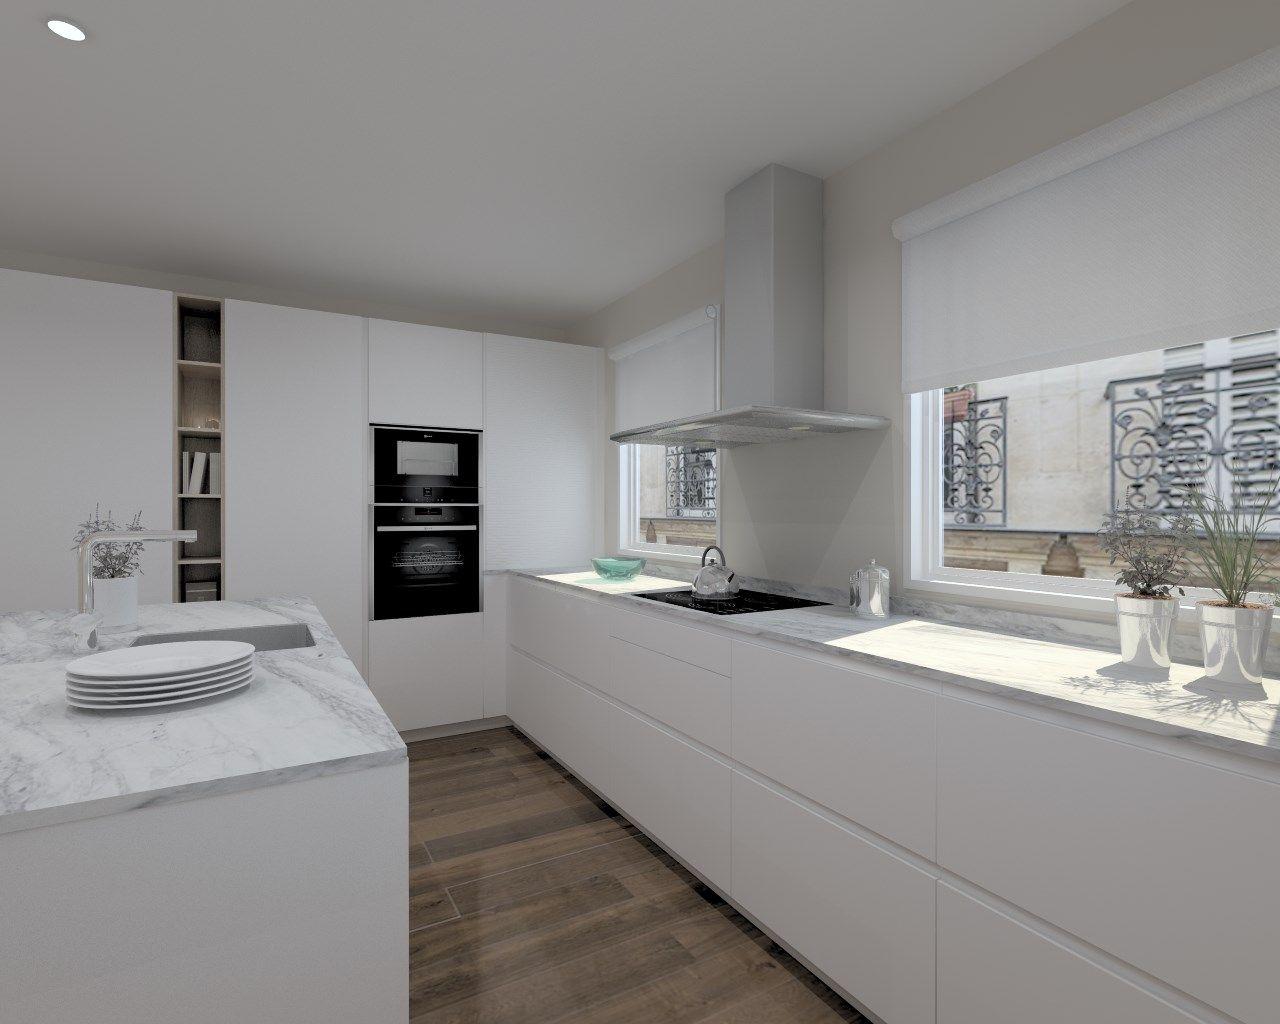 Cocinas santos modelo line laca seda blanco encimera for Encimera de cocina lacada en blanco negro